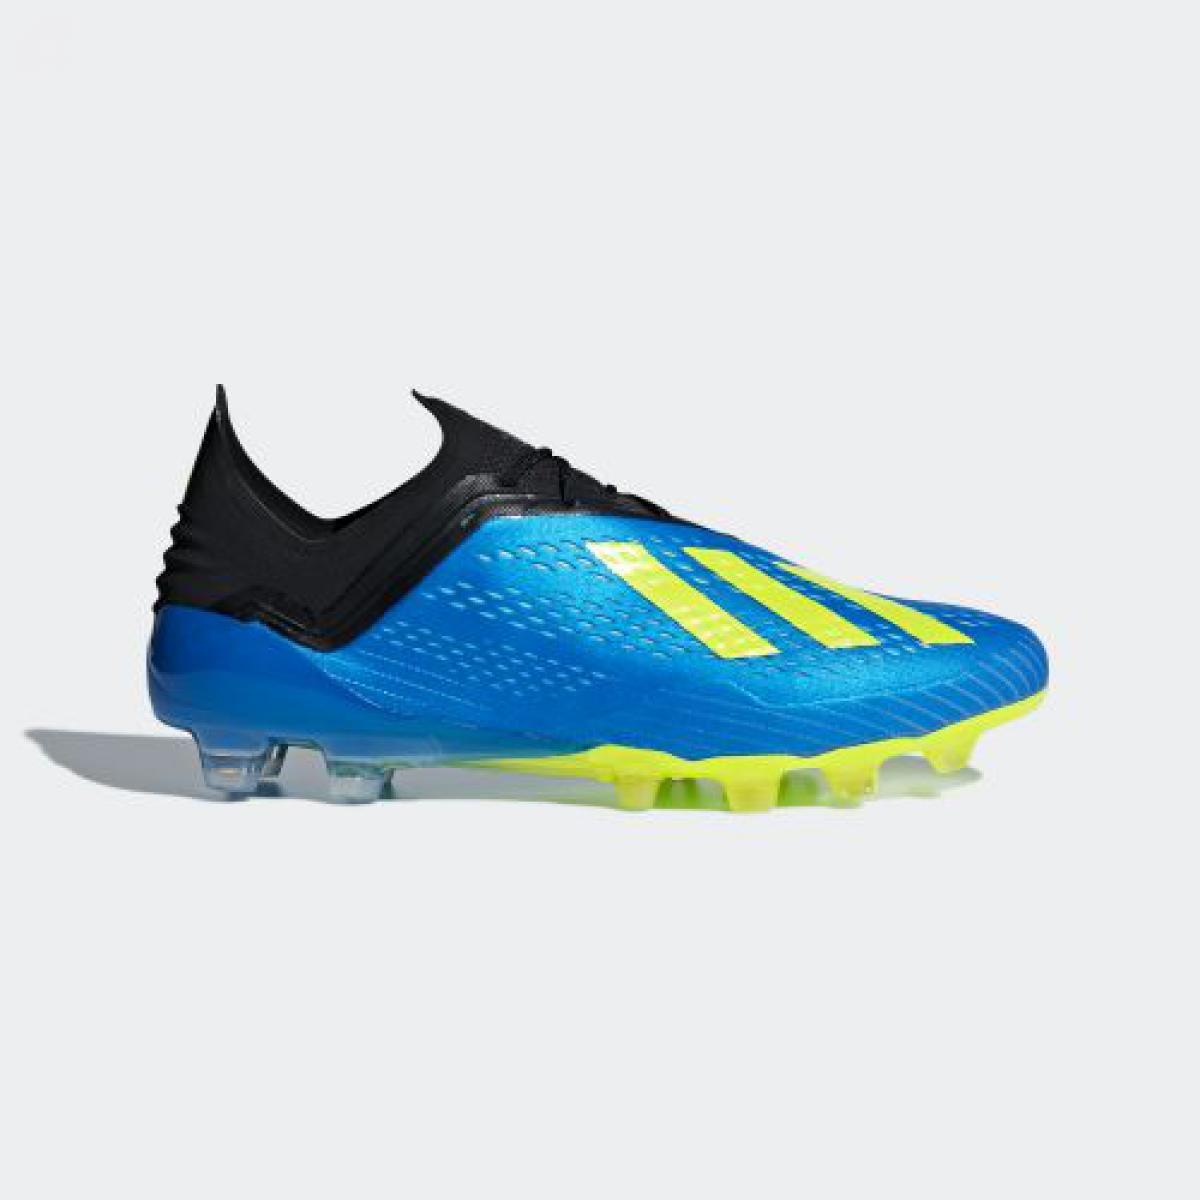 【公式】アディダス adidas エックス 18.1-ジャパン HG/AG【FIFAワールドカップTM 契約選手着用カラー】 メンズ AP9937 サッカー シューズ スパイク